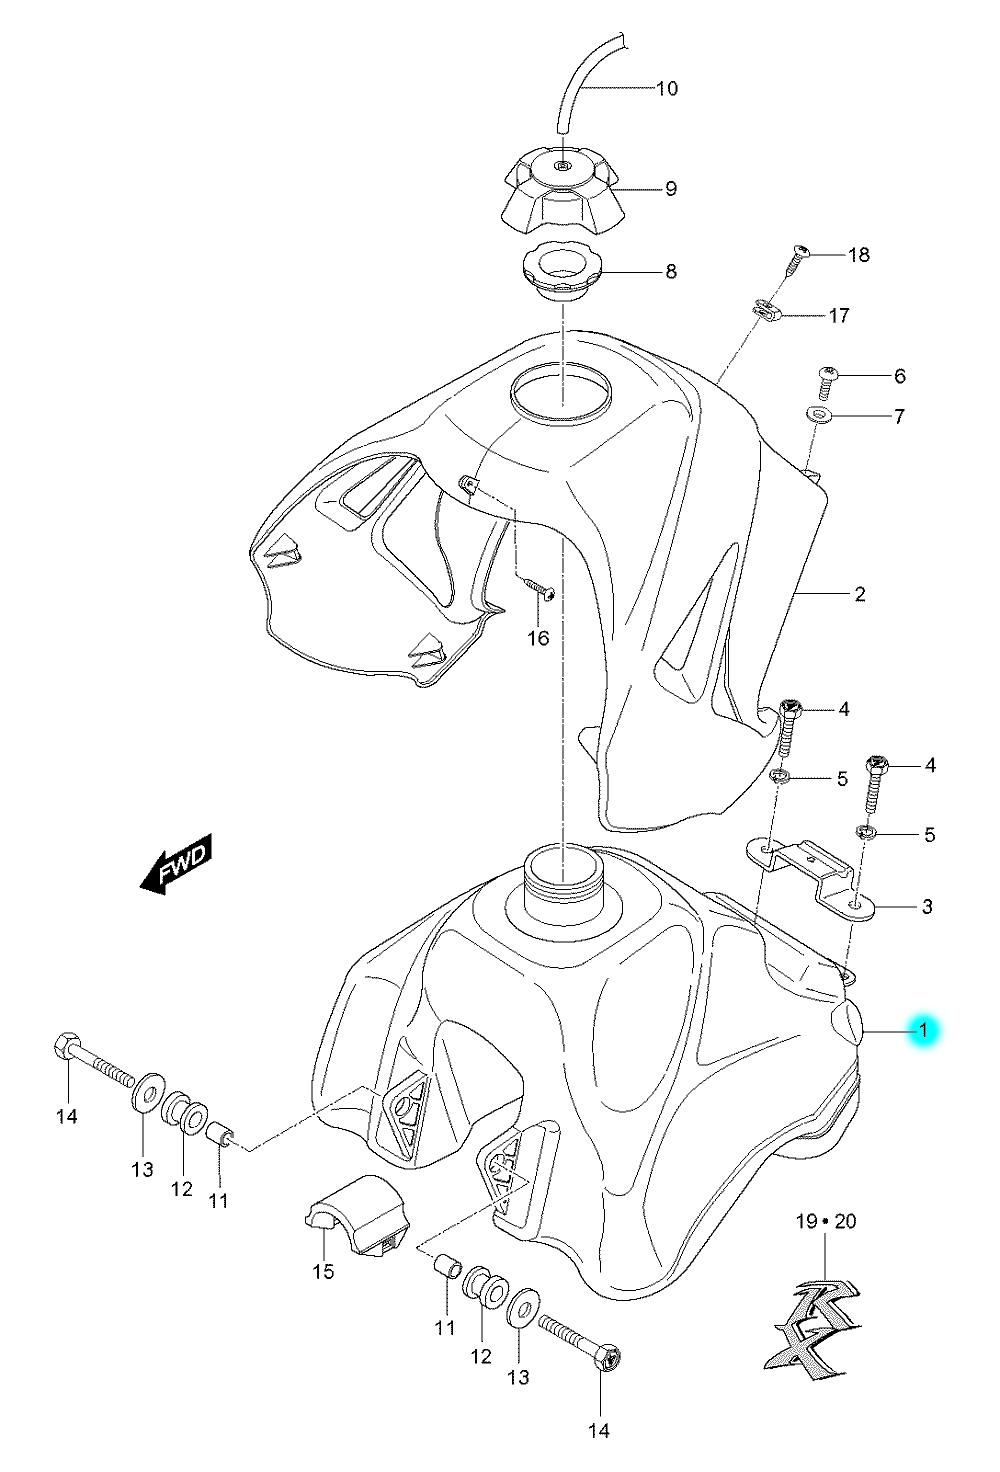 [1] Nádrž (palivová nádrž) - Hyosung RX 125